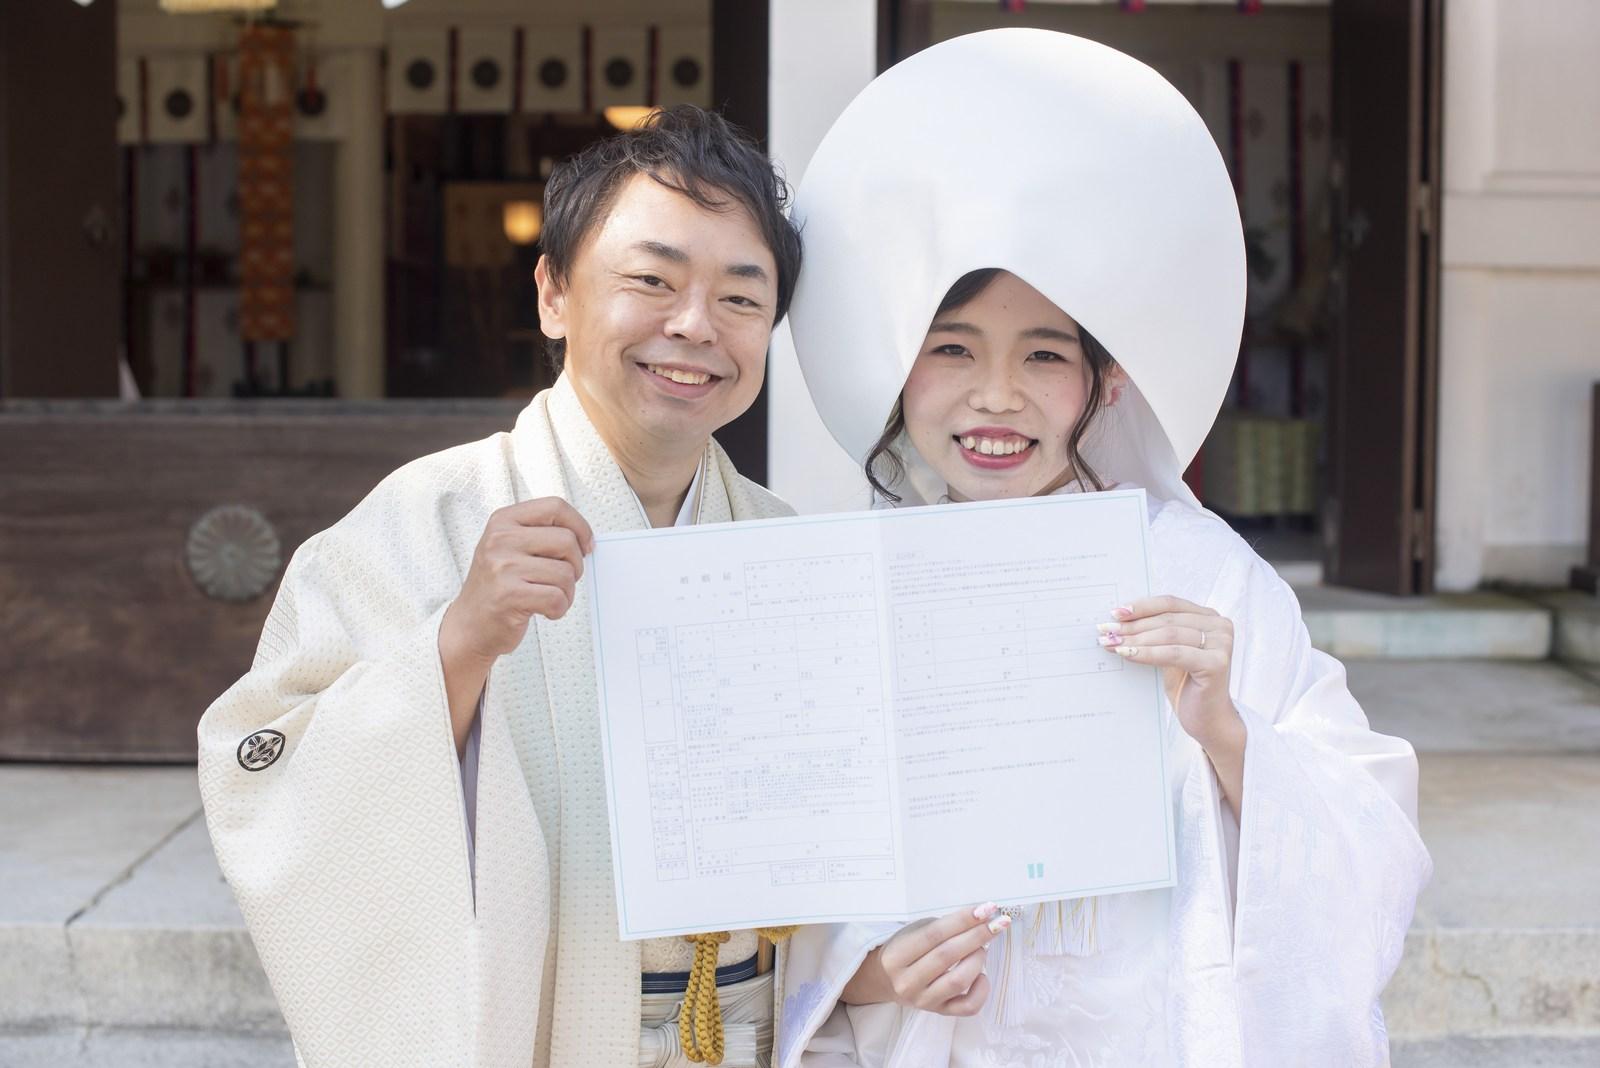 徳島市の結婚式場ブランアンジュで披露宴を行う前に挙式をした忌部神社で婚姻届けフォト